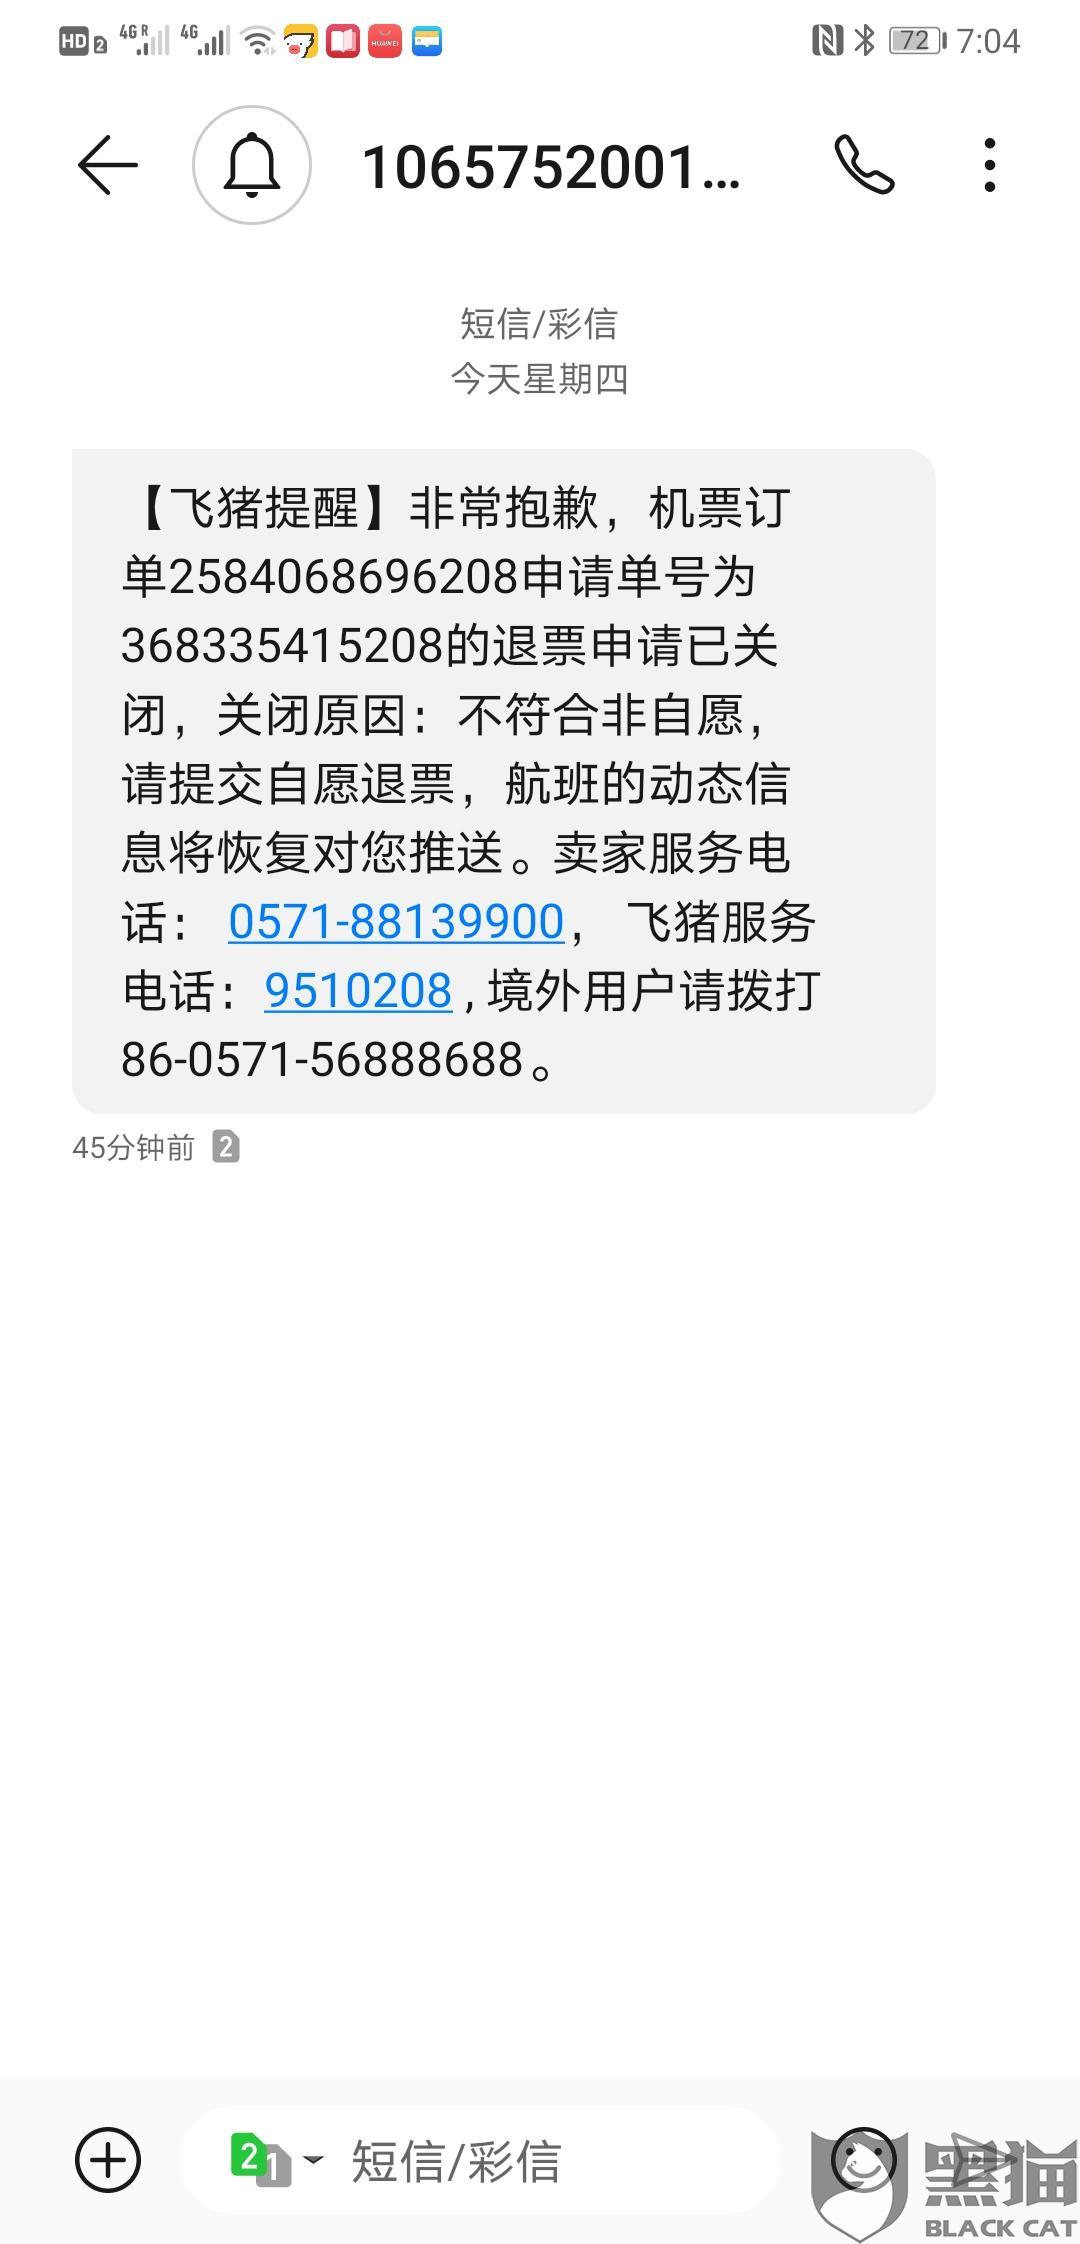 黑猫投诉:疫情2月8号香港对内地人员入境要隔离14天。无法乘坐国泰航空航班。需退票。